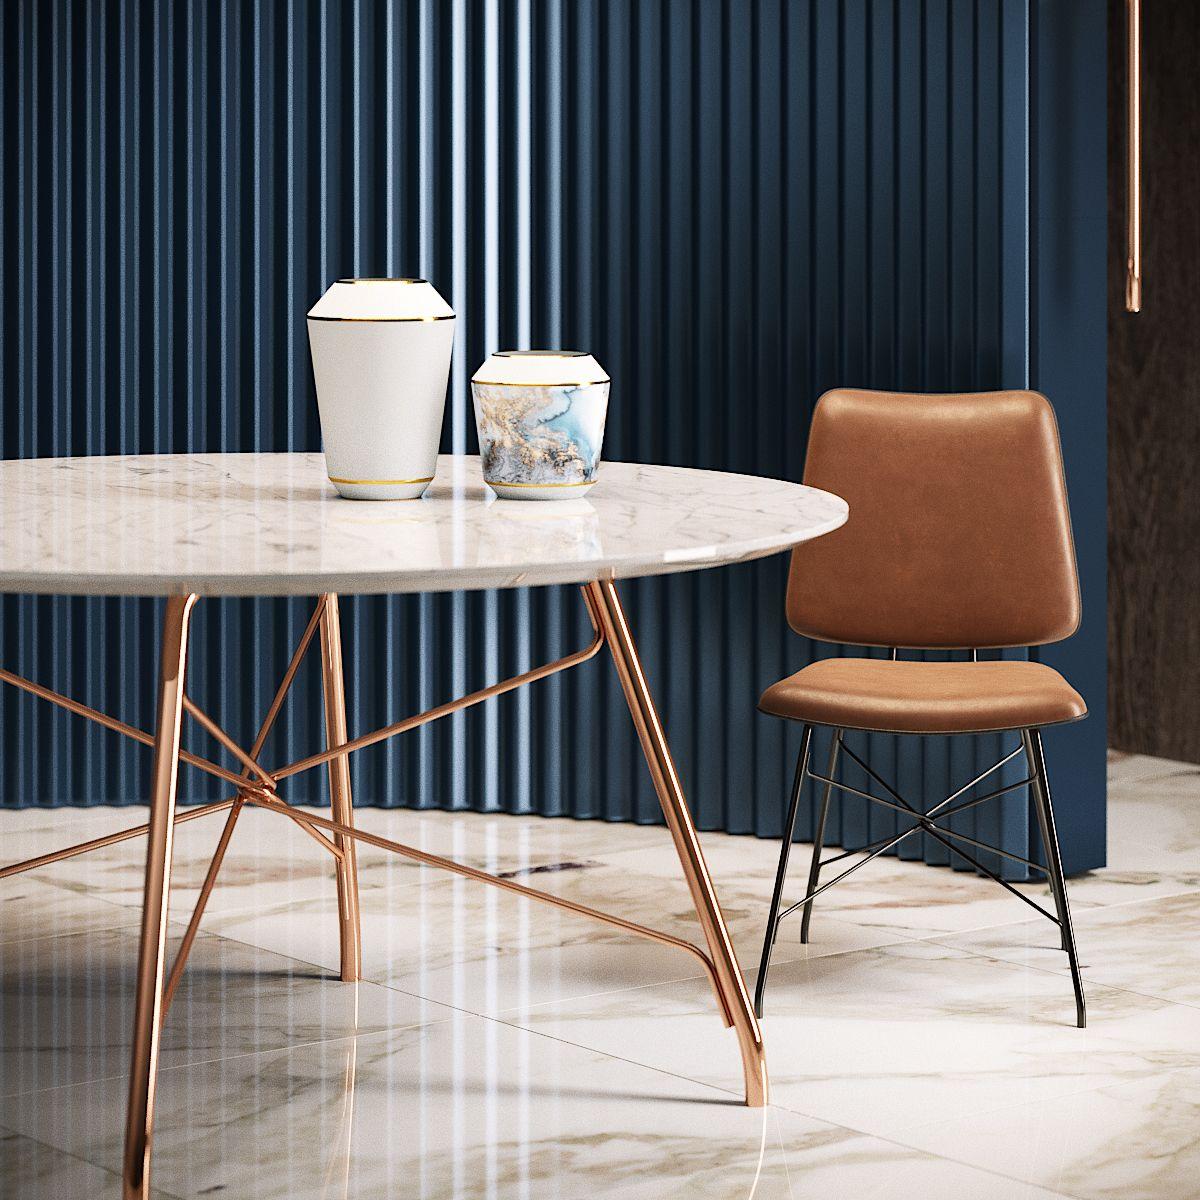 Praddy (RU) Обеденный стол Orchard от португальского бренда Praddy